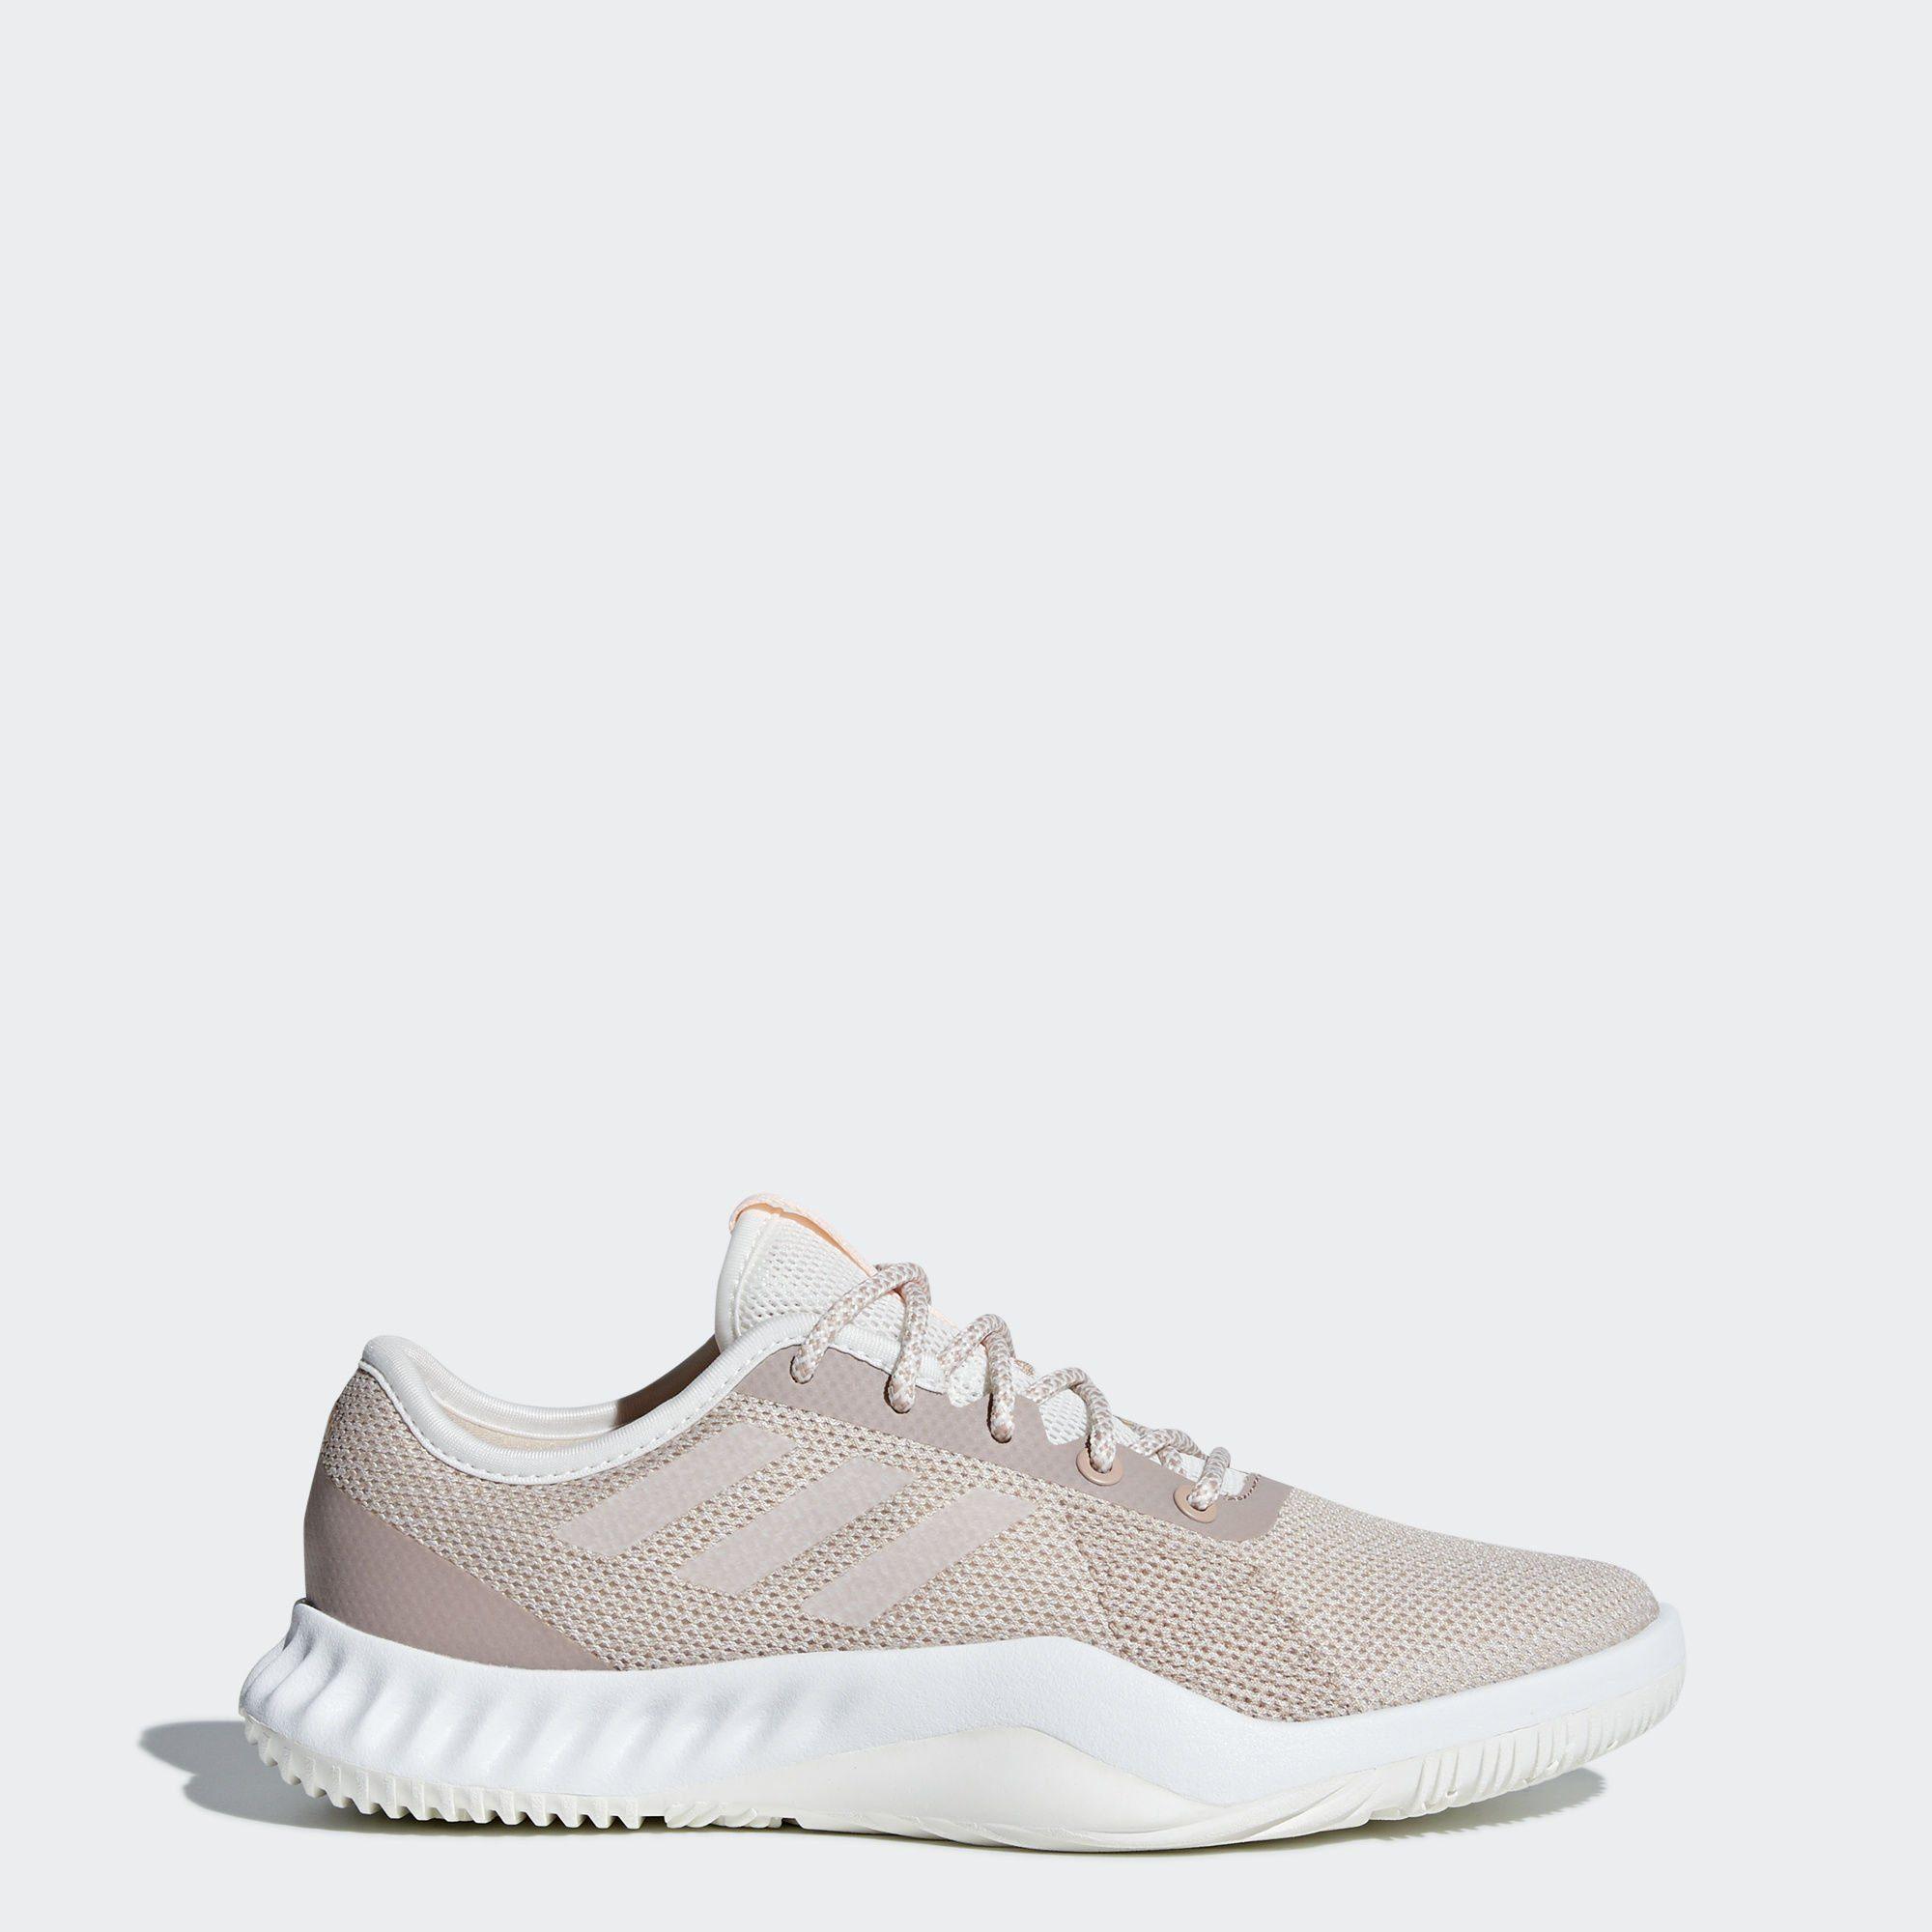 adidas Performance CrazyTrain LT Schuh Trainingsschuh online kaufen  white